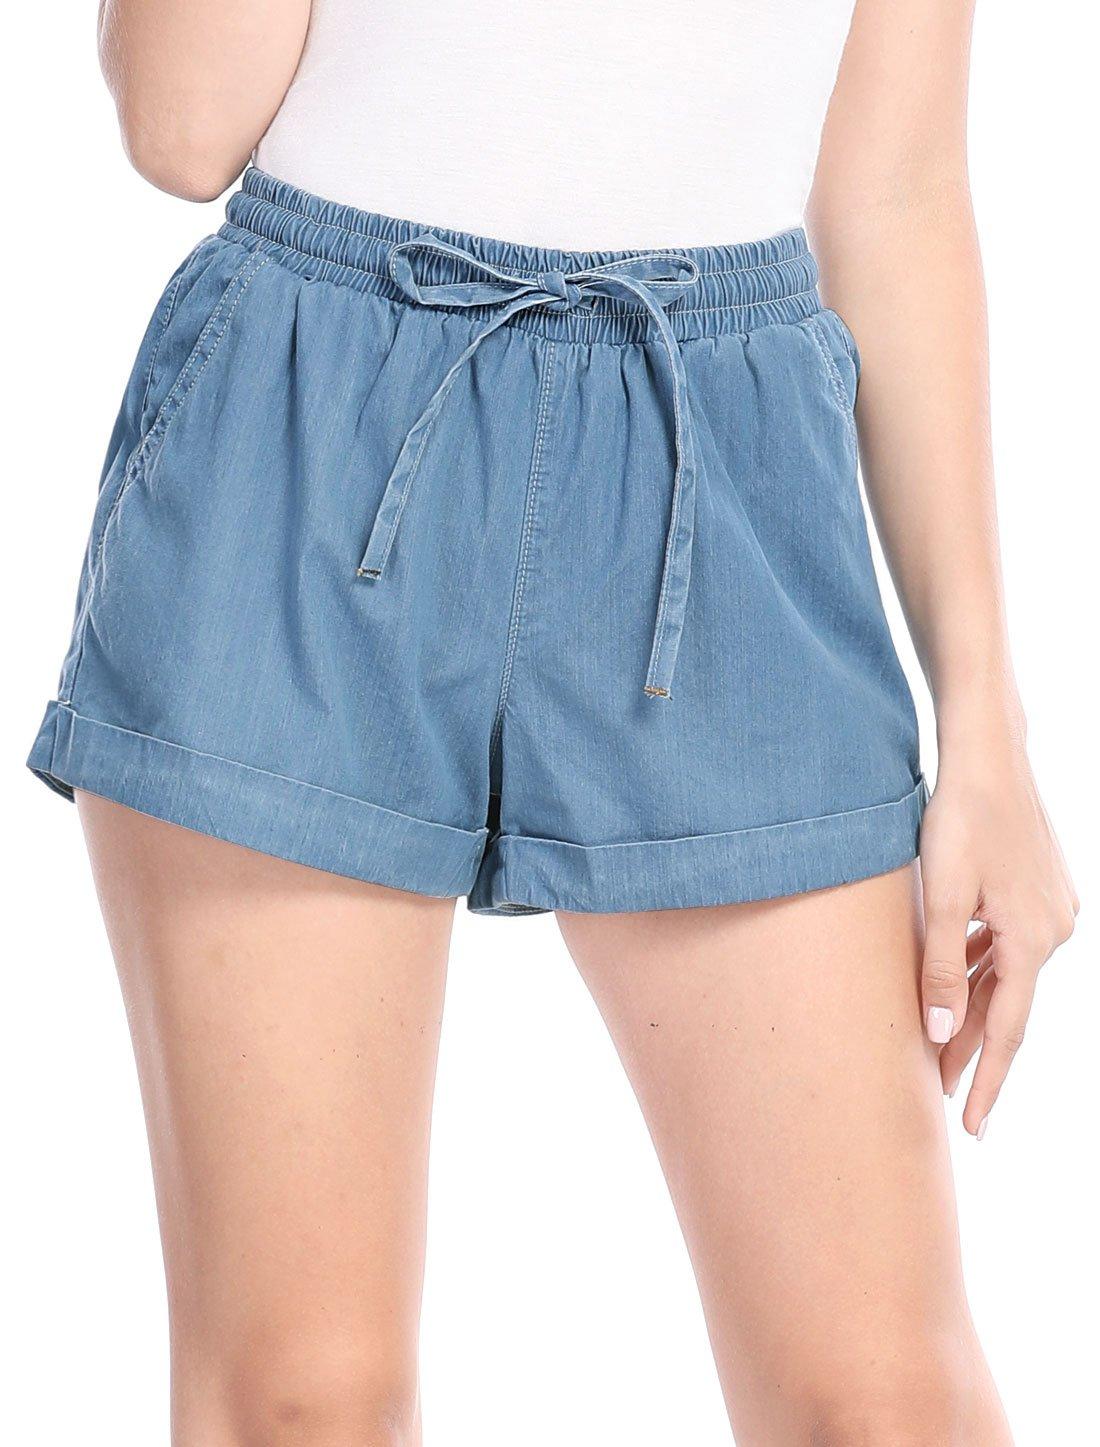 Allegra K Women's Elastic Drawstring Waist Rolled Cuffs Denim Shorts S Blue